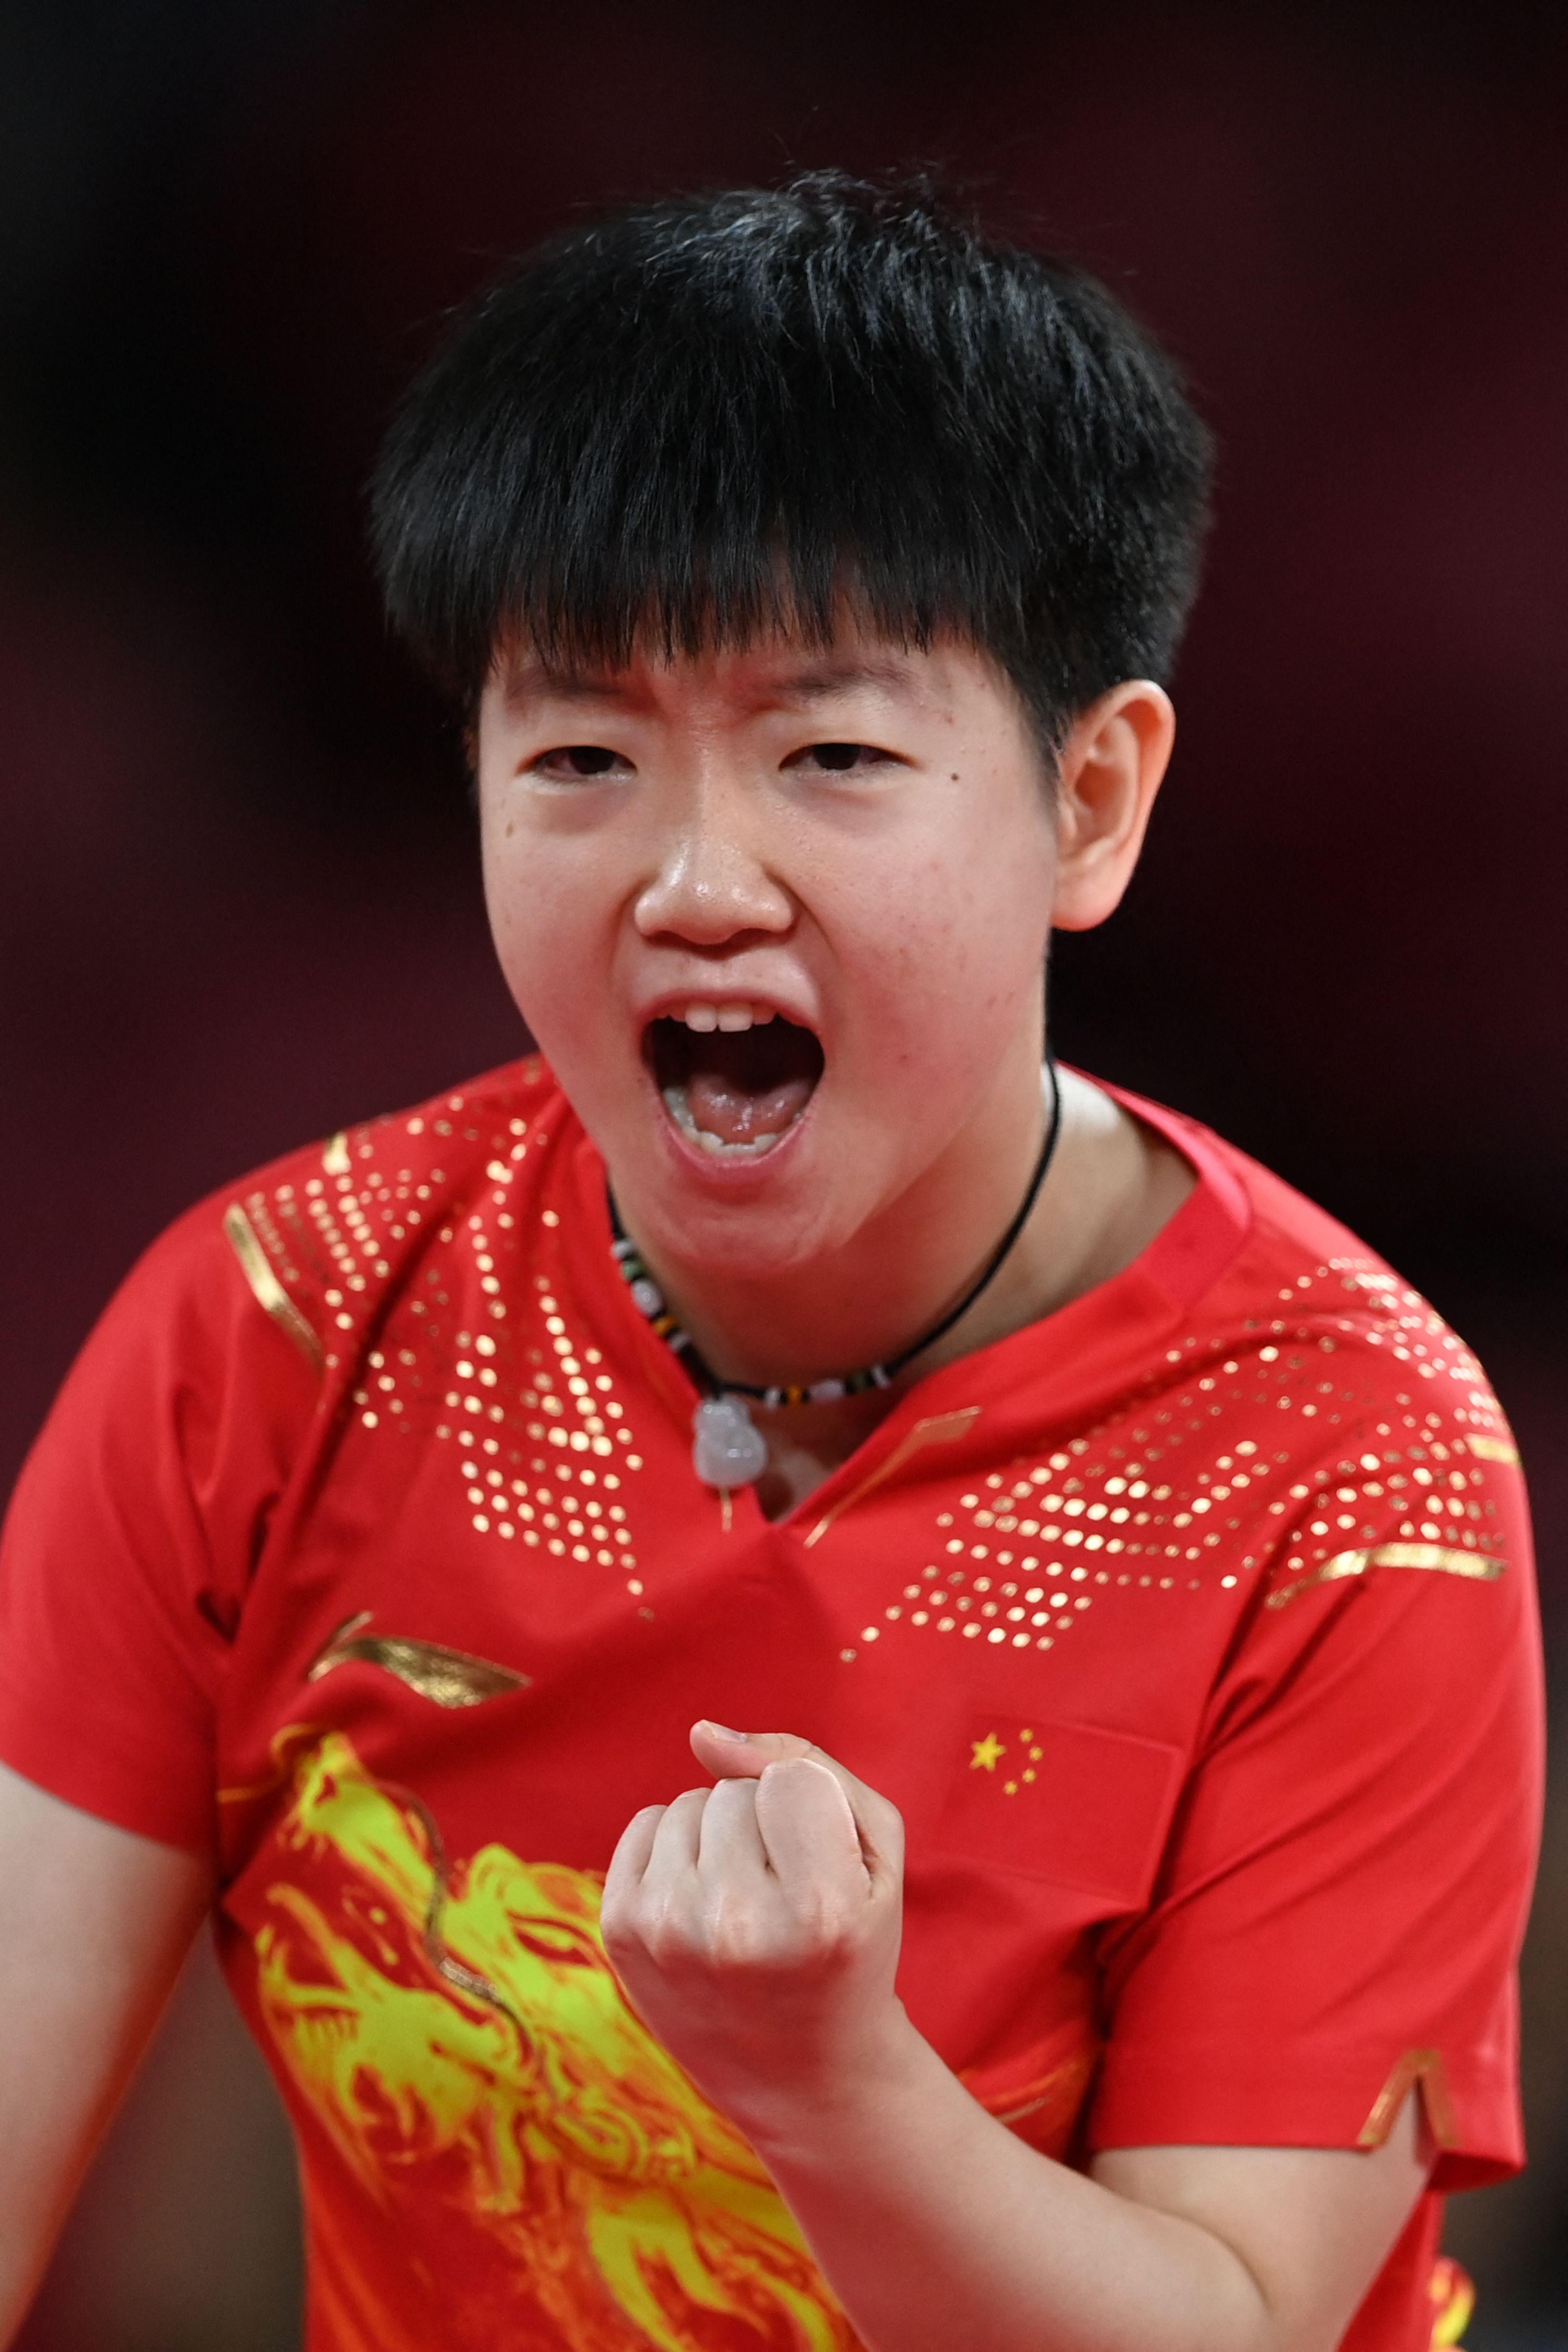 孙颖莎握拳庆祝。